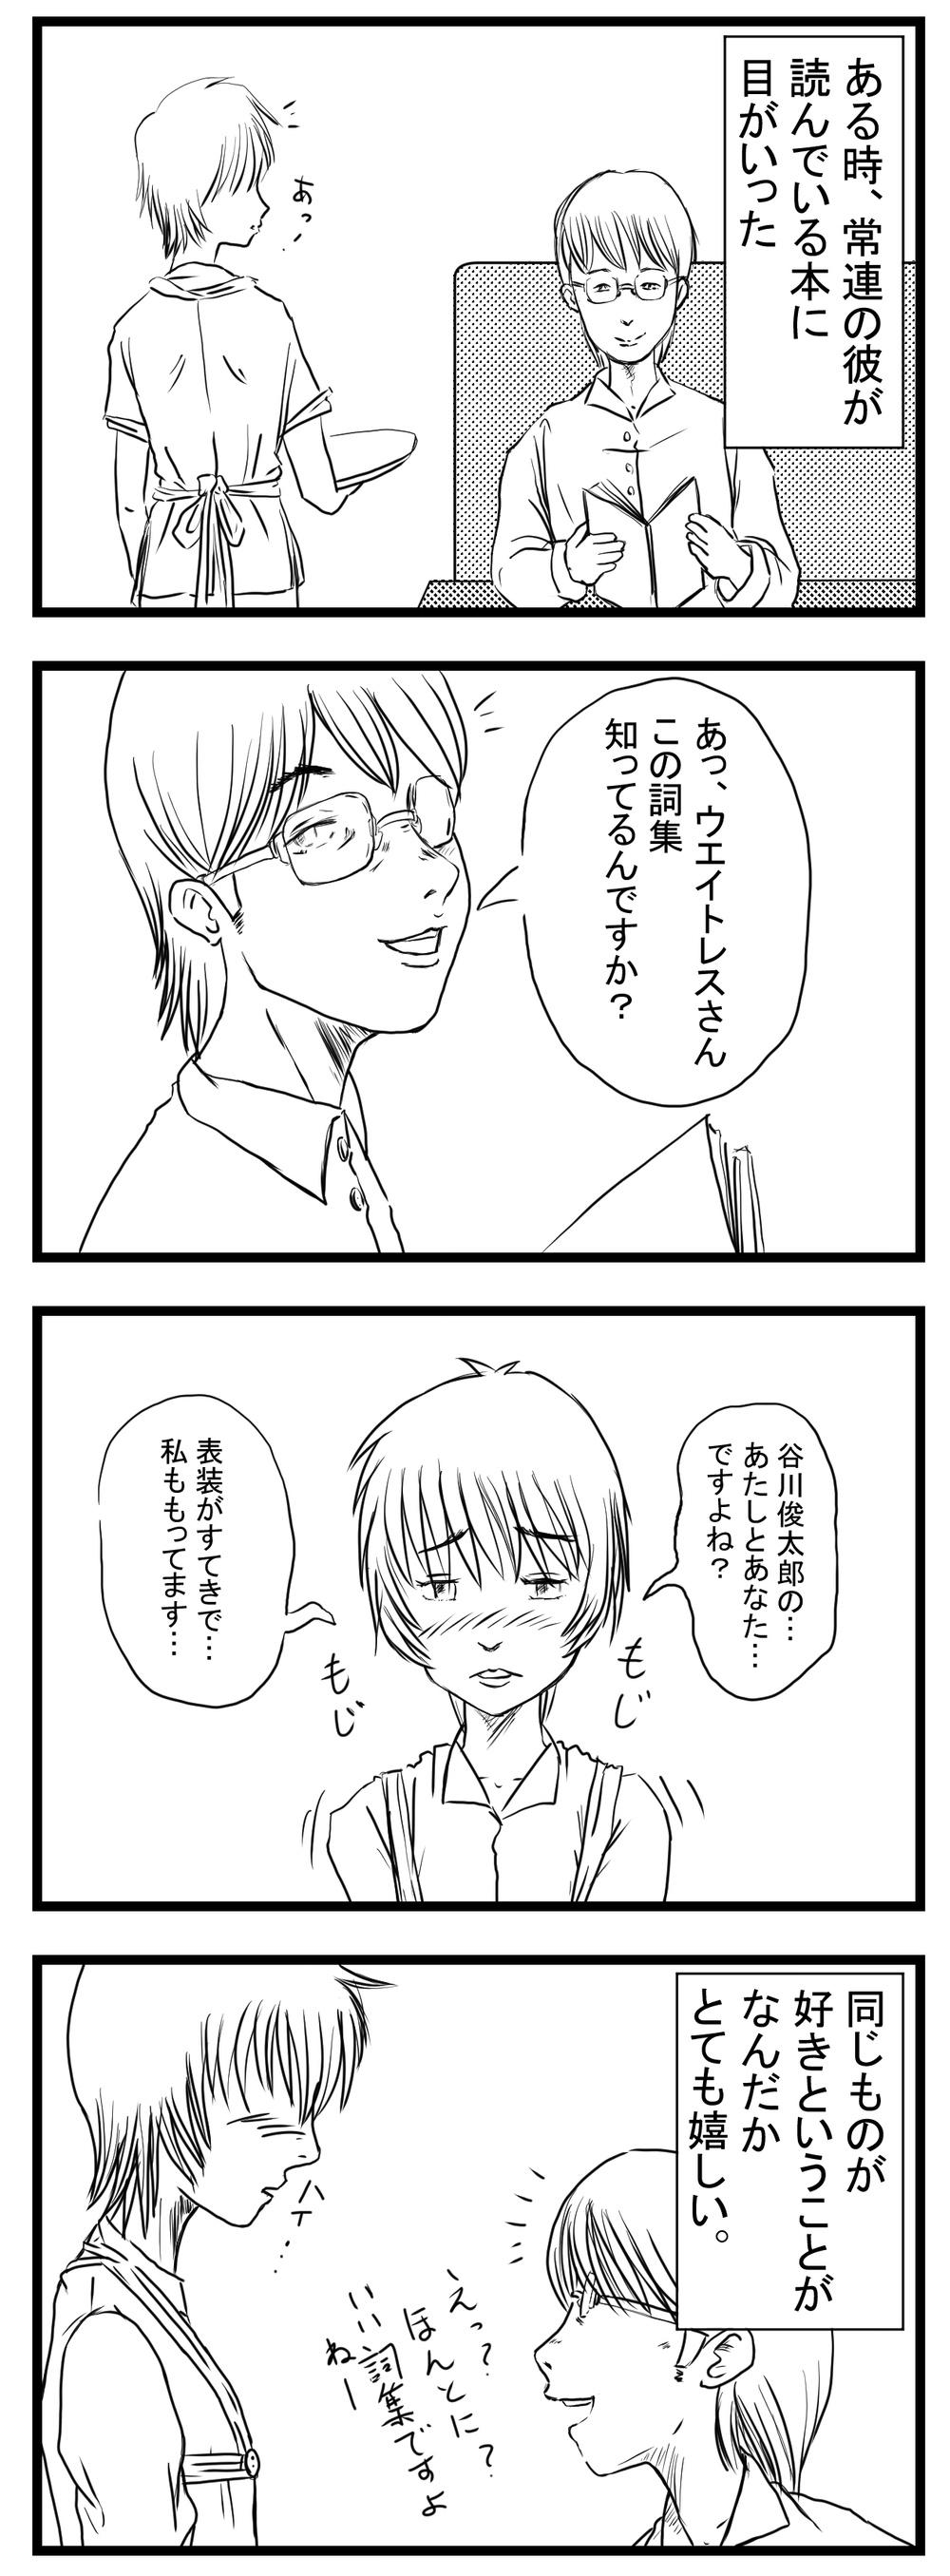 4コマ漫画「恋子の毎日」その2「同じ価値観」(Raytrektabで描く漫画)#4コマ漫画 #Raytrektab #恋愛